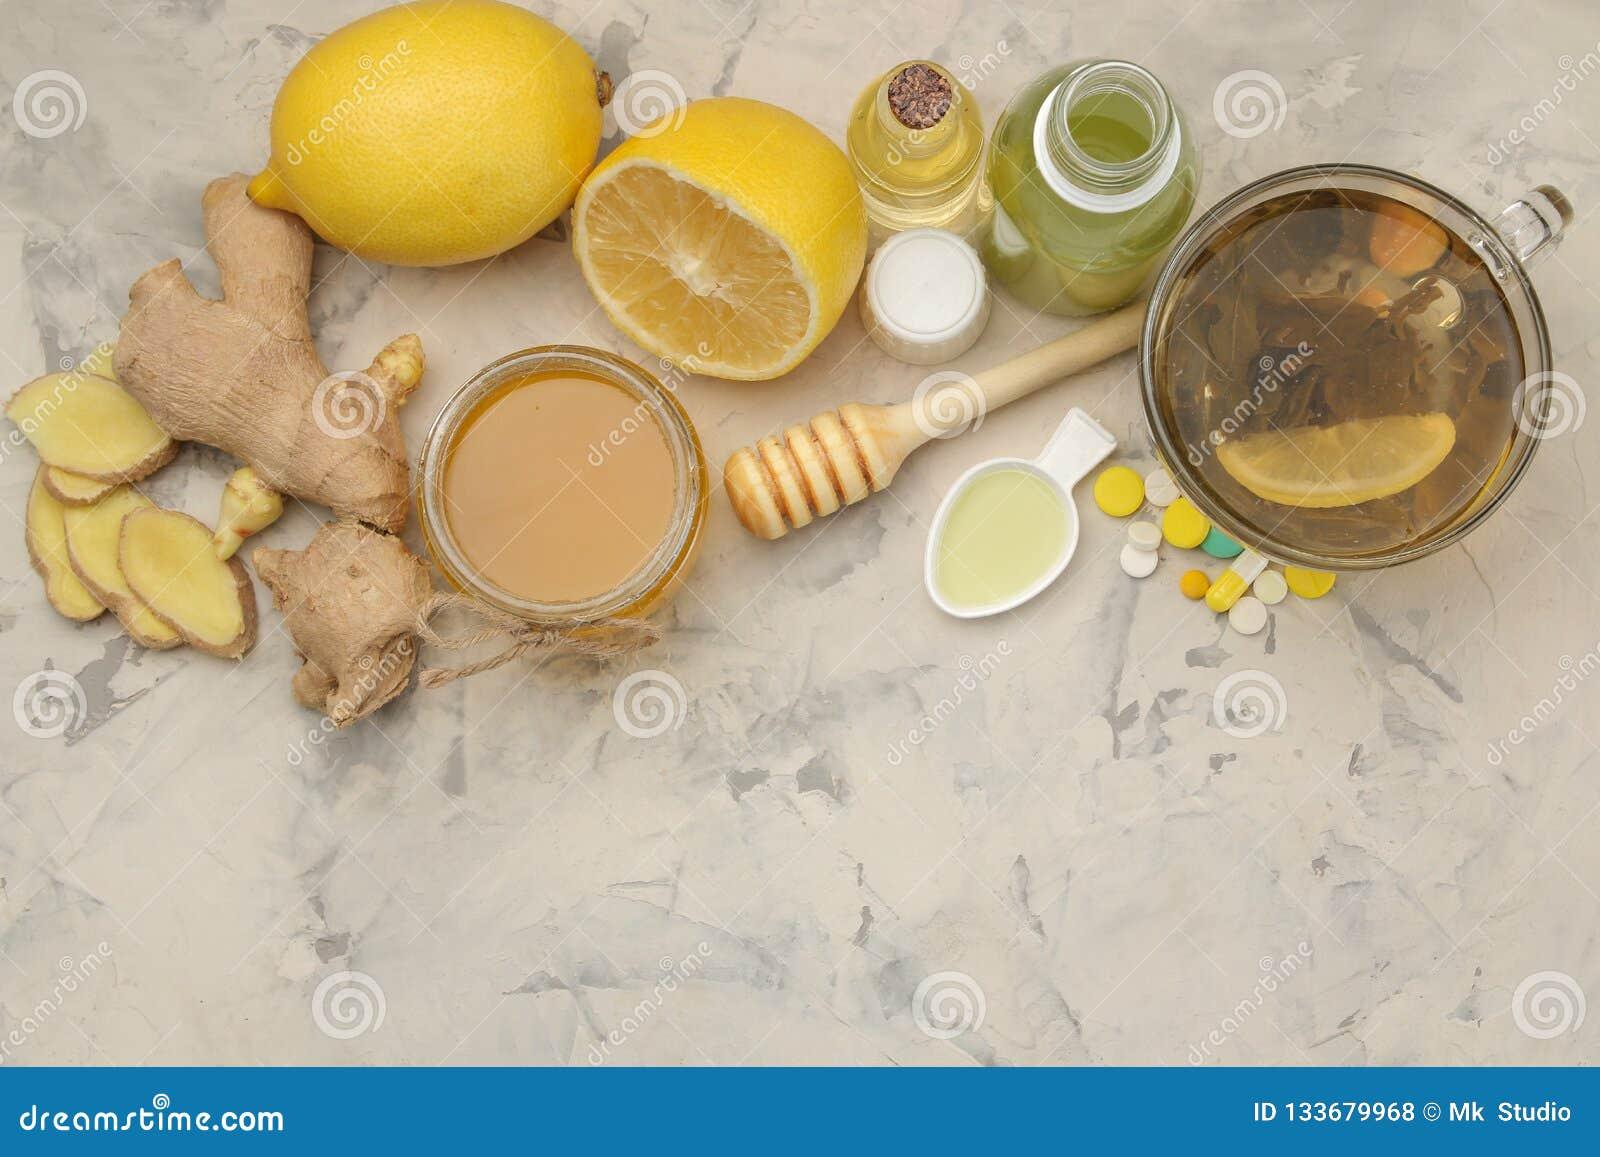 Diversas medicinas para el resfriado y medicinas anticatarrales en una tabla de madera blanca frío enfermedades frío Visión desde